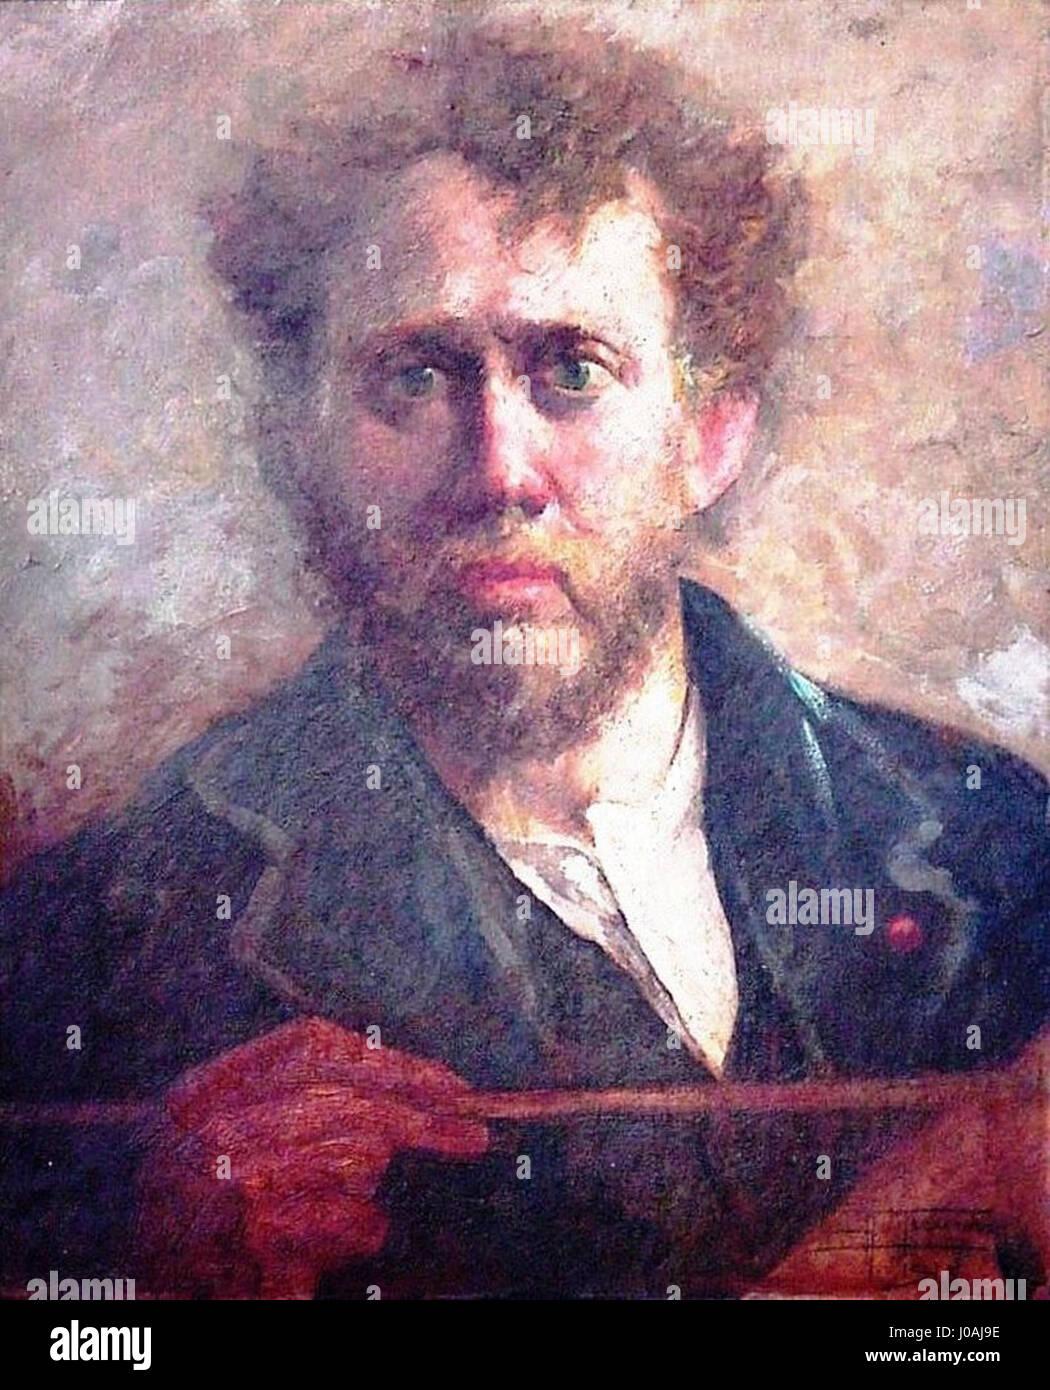 Antônio Parreiras - Umm Colega (Retrato Pintor Numa Camille Ayrinhac) 1918 Stockfoto